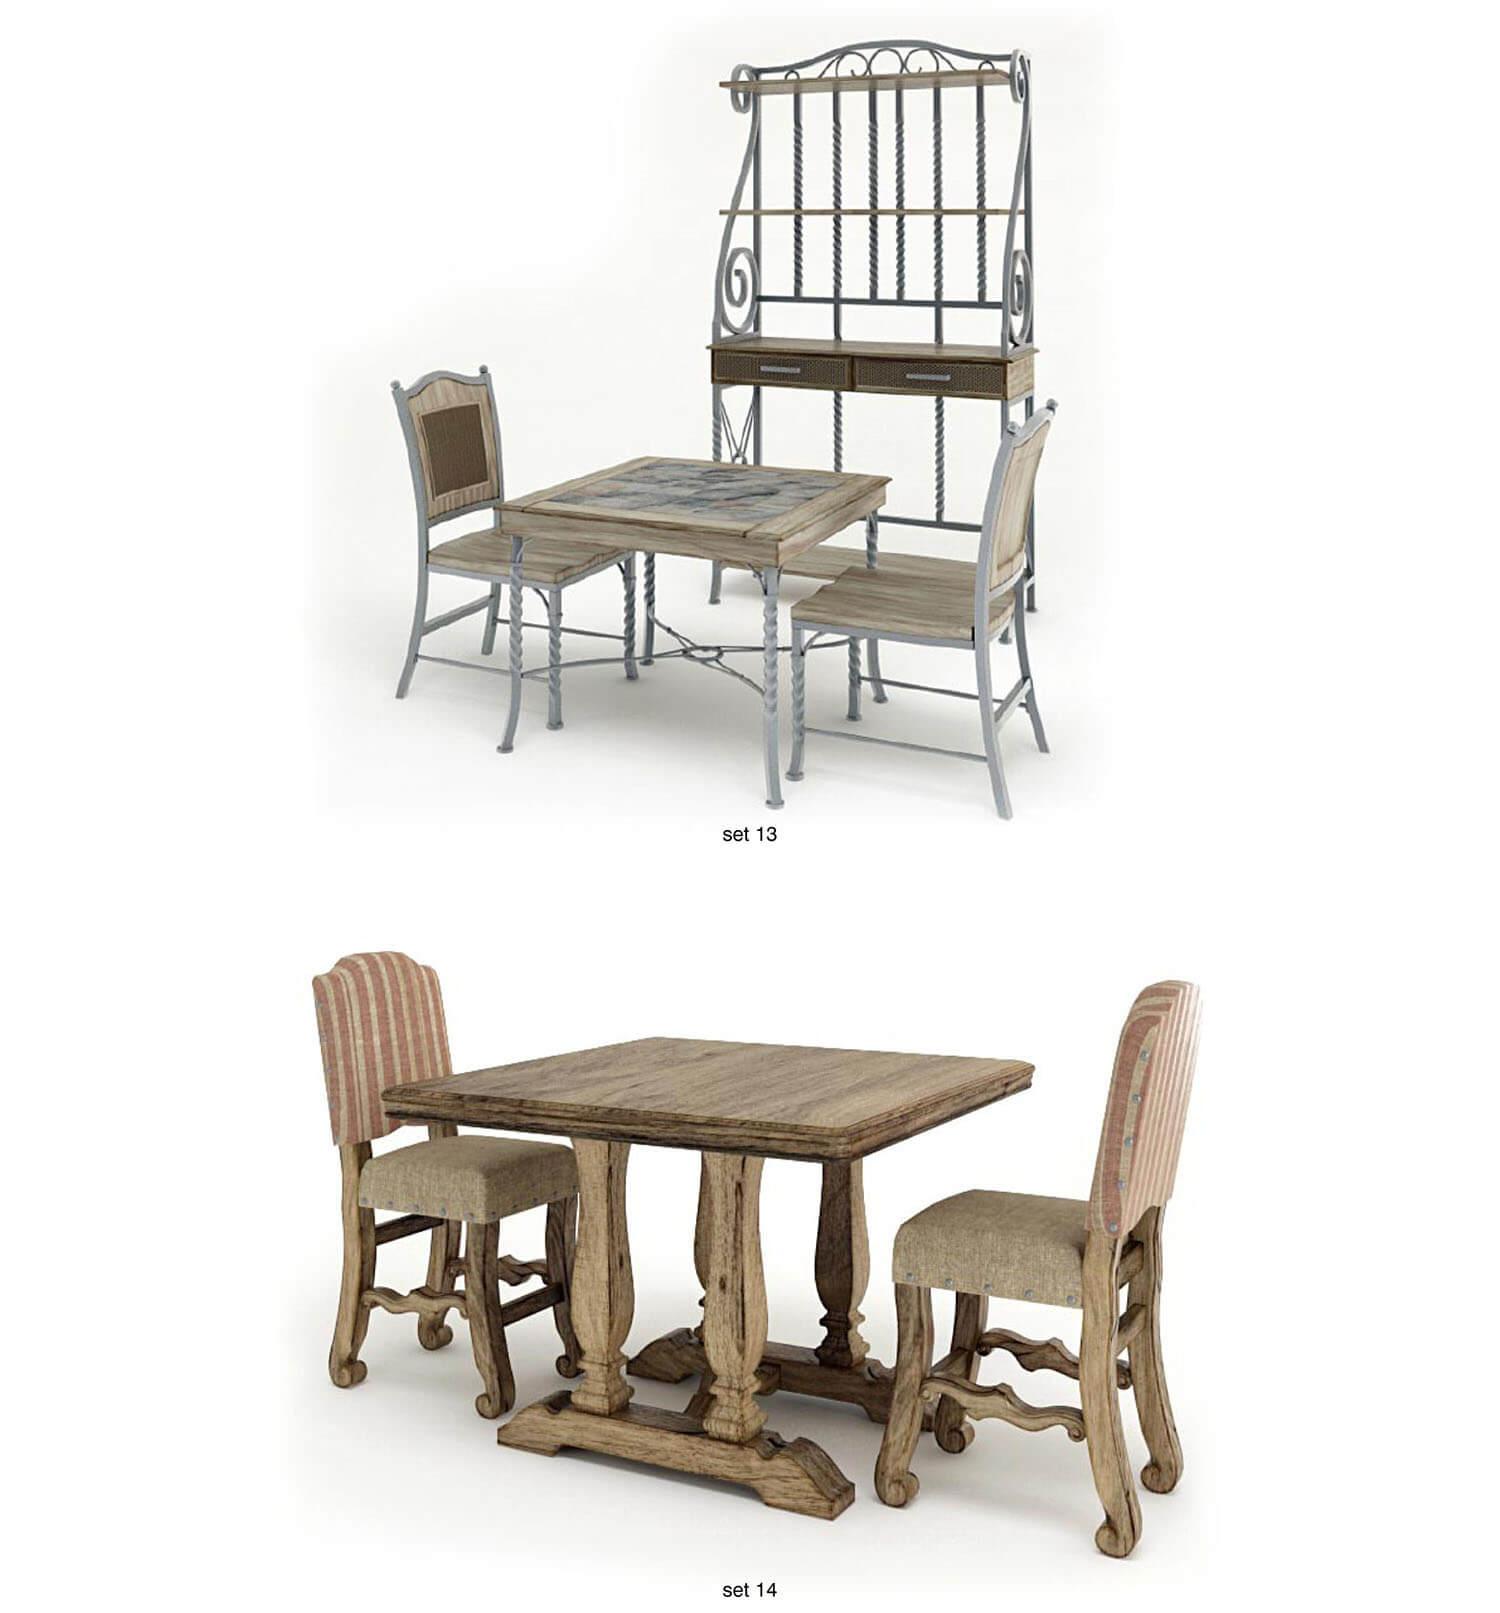 Các bộ bàn ghế cổ điển trong quán cafe, quán rượu